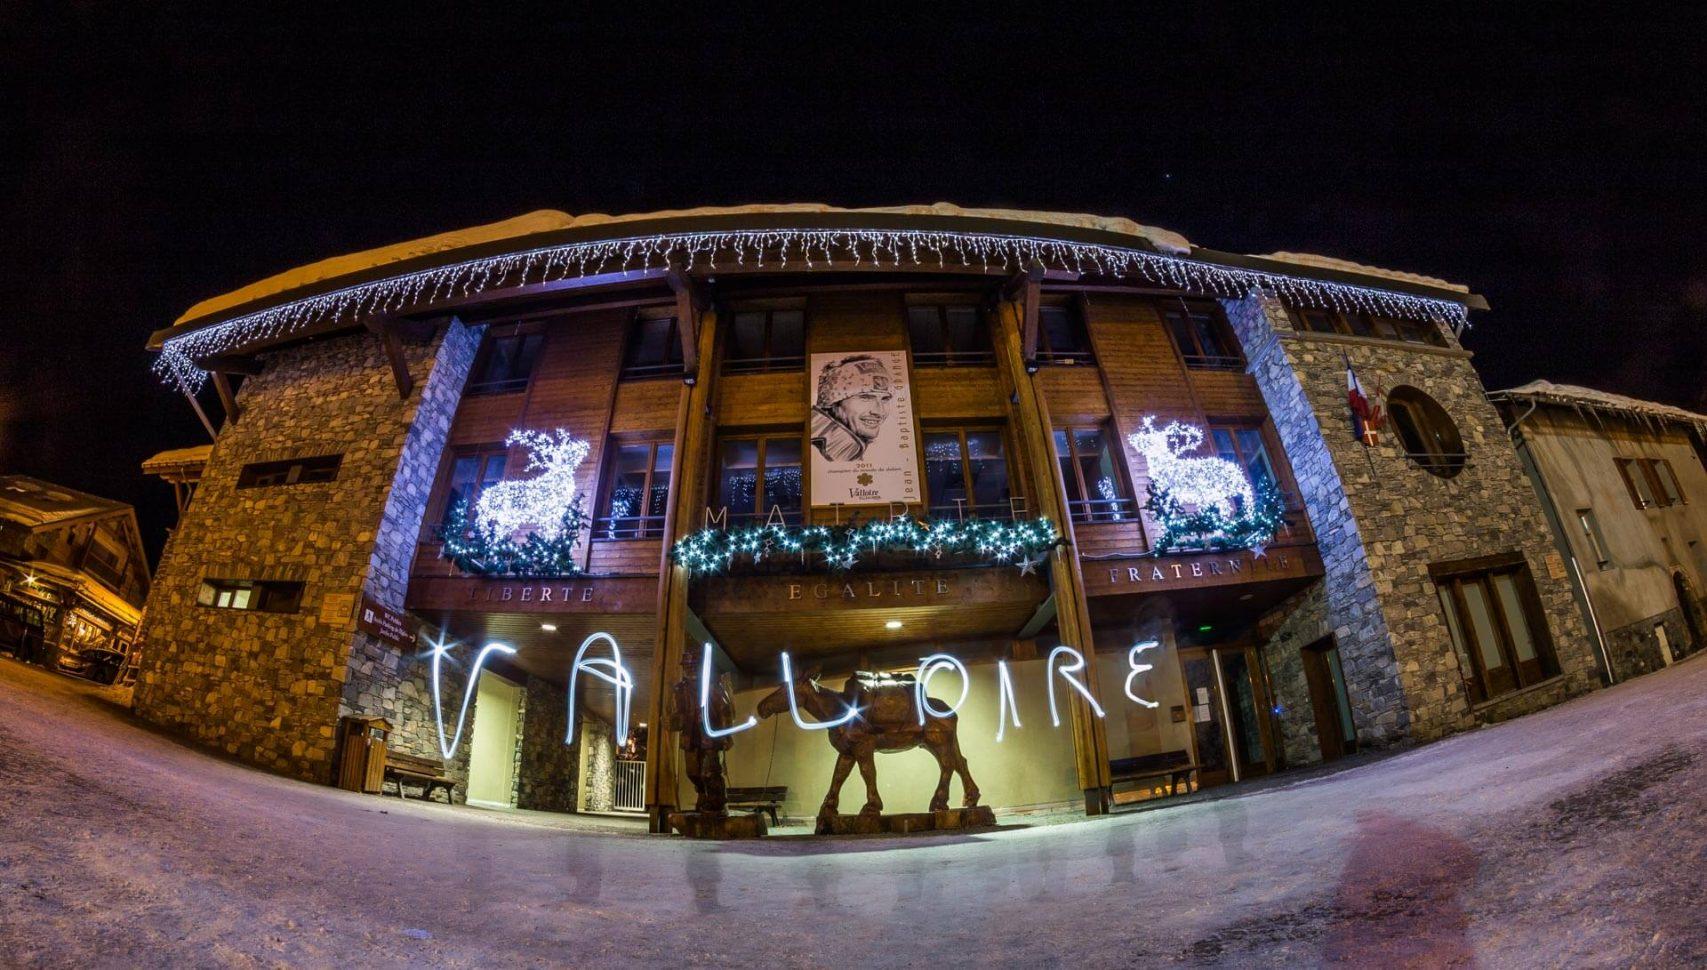 La mairie de valloire de nuit